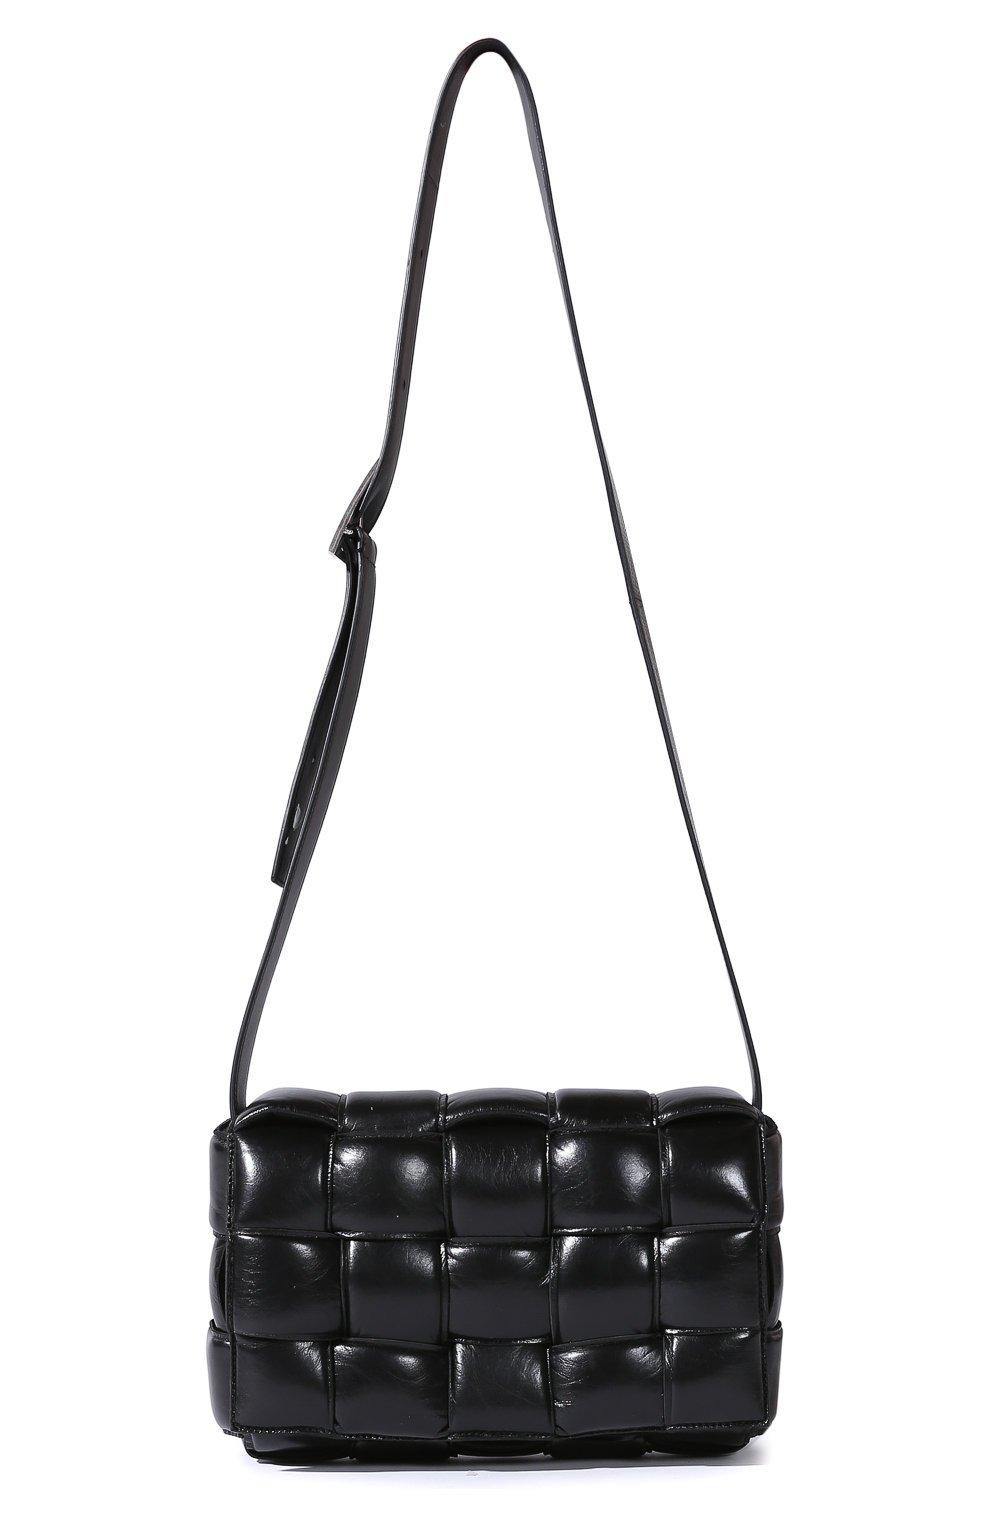 Женская сумка BOTTEGA VENETA черная цвета — купить за 141000 руб. в интернет-магазине ЦУМ, арт. 591970/VA9L1